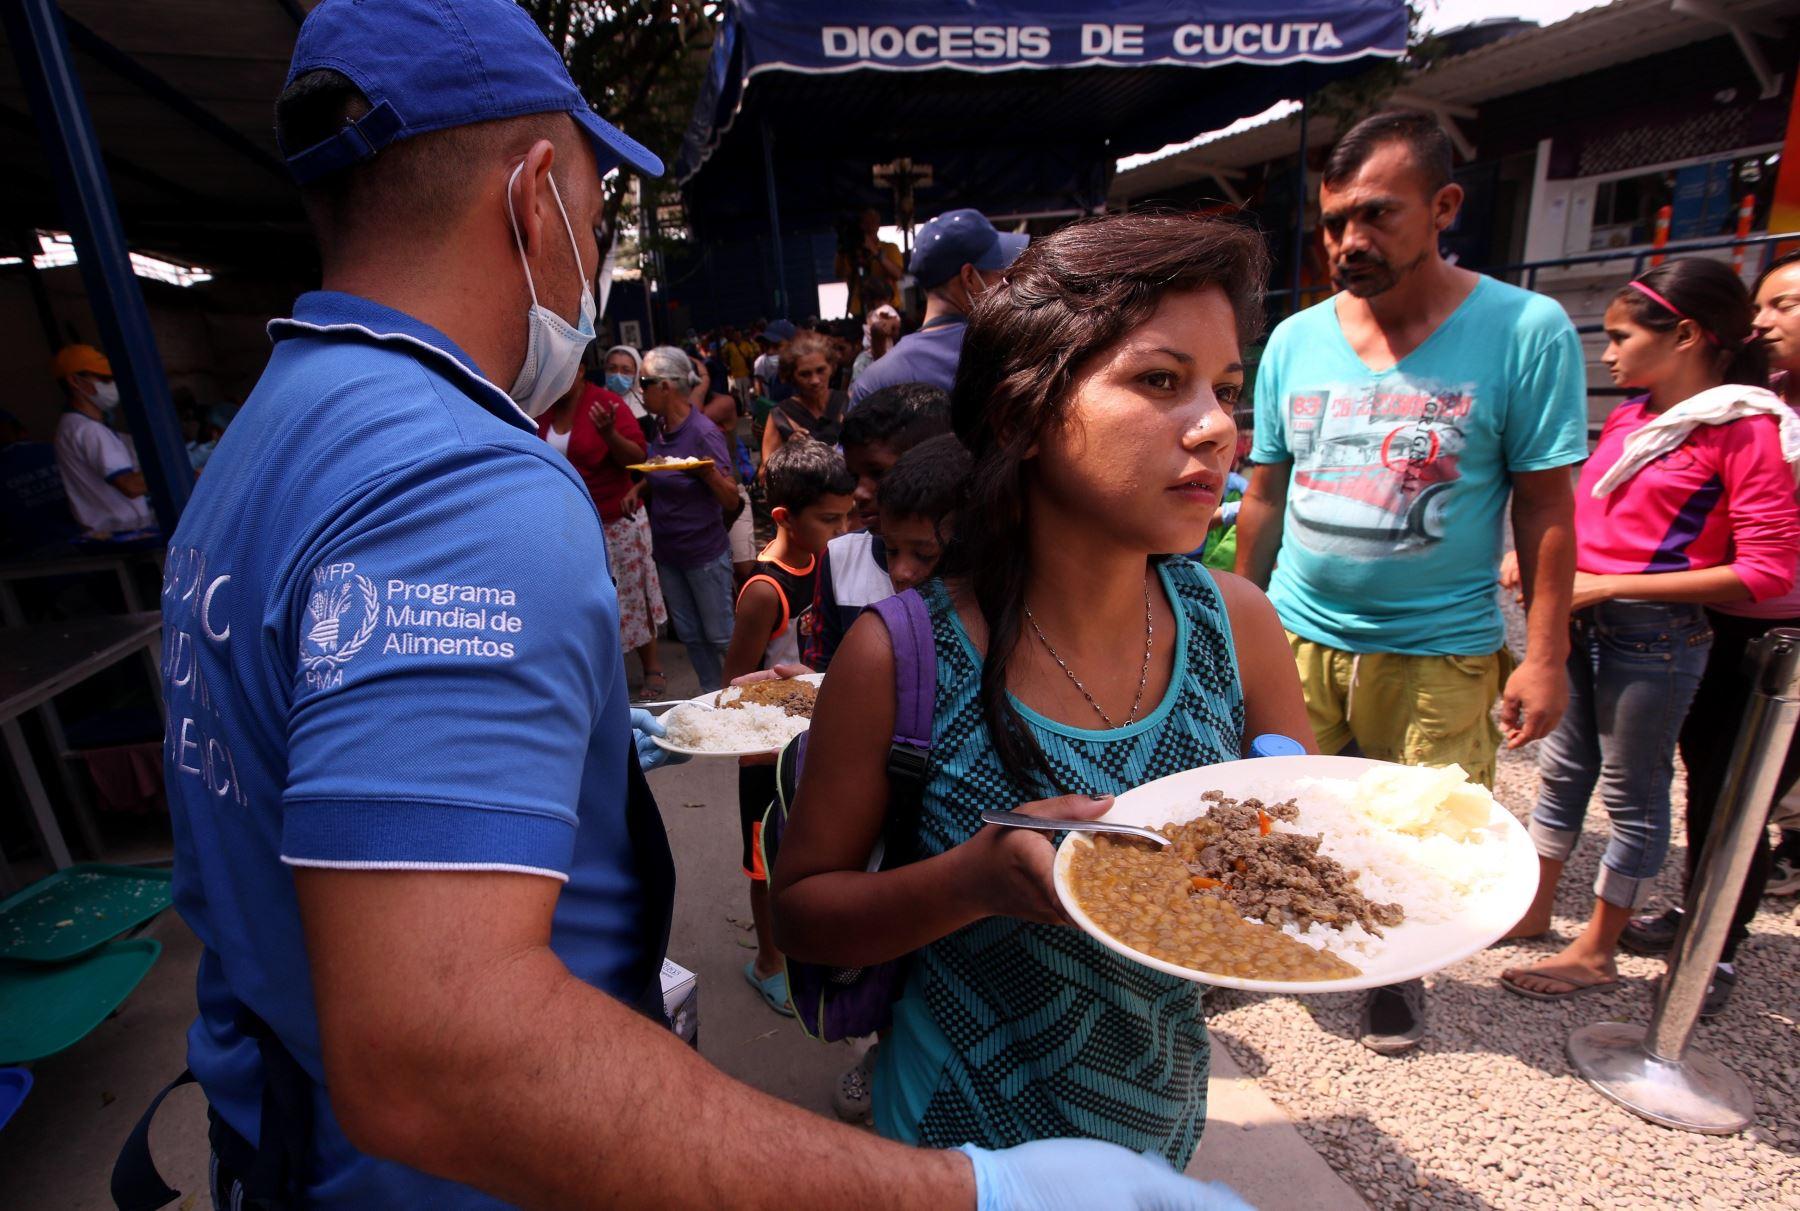 Un comedor situado a menos de un kilómetro del puente Simón Bolívar, el principal paso de la frontera colombo-venezolana, es una luz de esperanza para más de 4.000 ciudadanos venezolanos que a diario cruzan la línea limítrofe para almorzar y, con suerte, llevar algo para sus familias. EFE